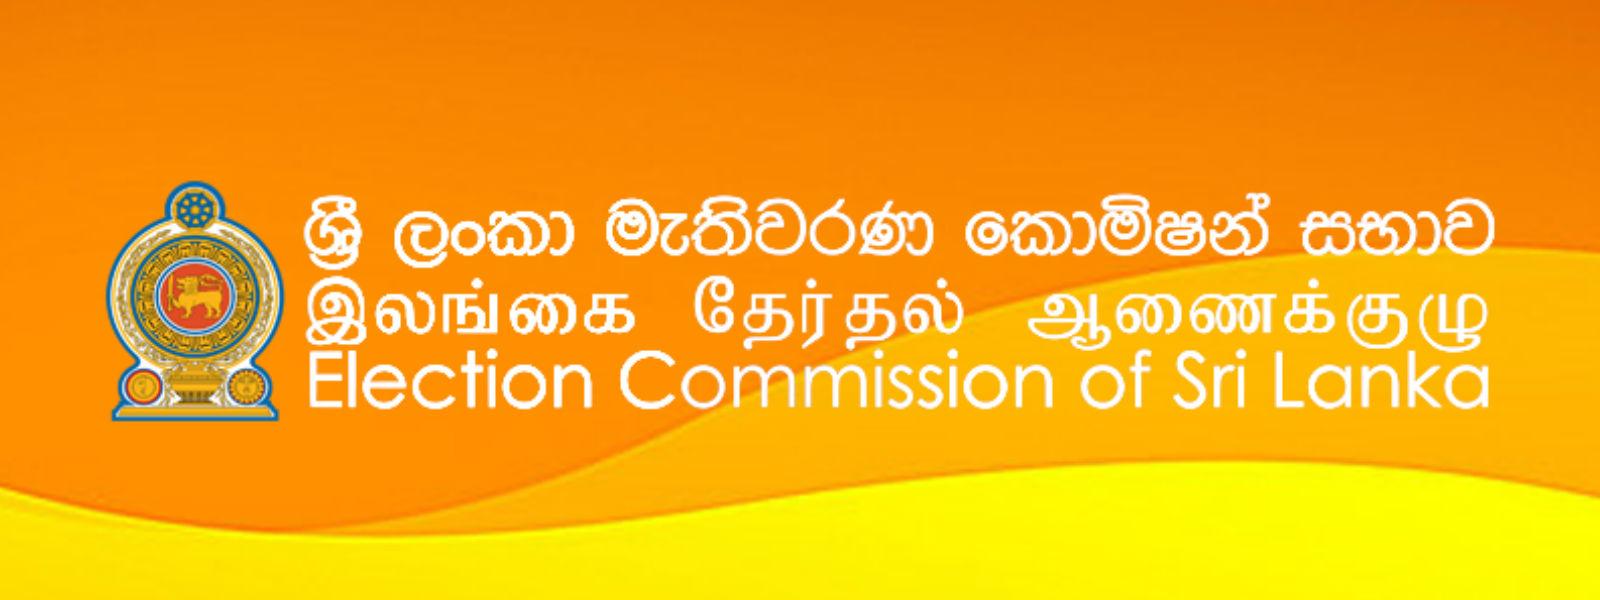 நிமல் புஞ்சிஹேவா தலைமையிலானபுதிய தேர்தல்கள் ஆணைக்குழு கடமைகளைஆரம்பிக்கவுள்ளது